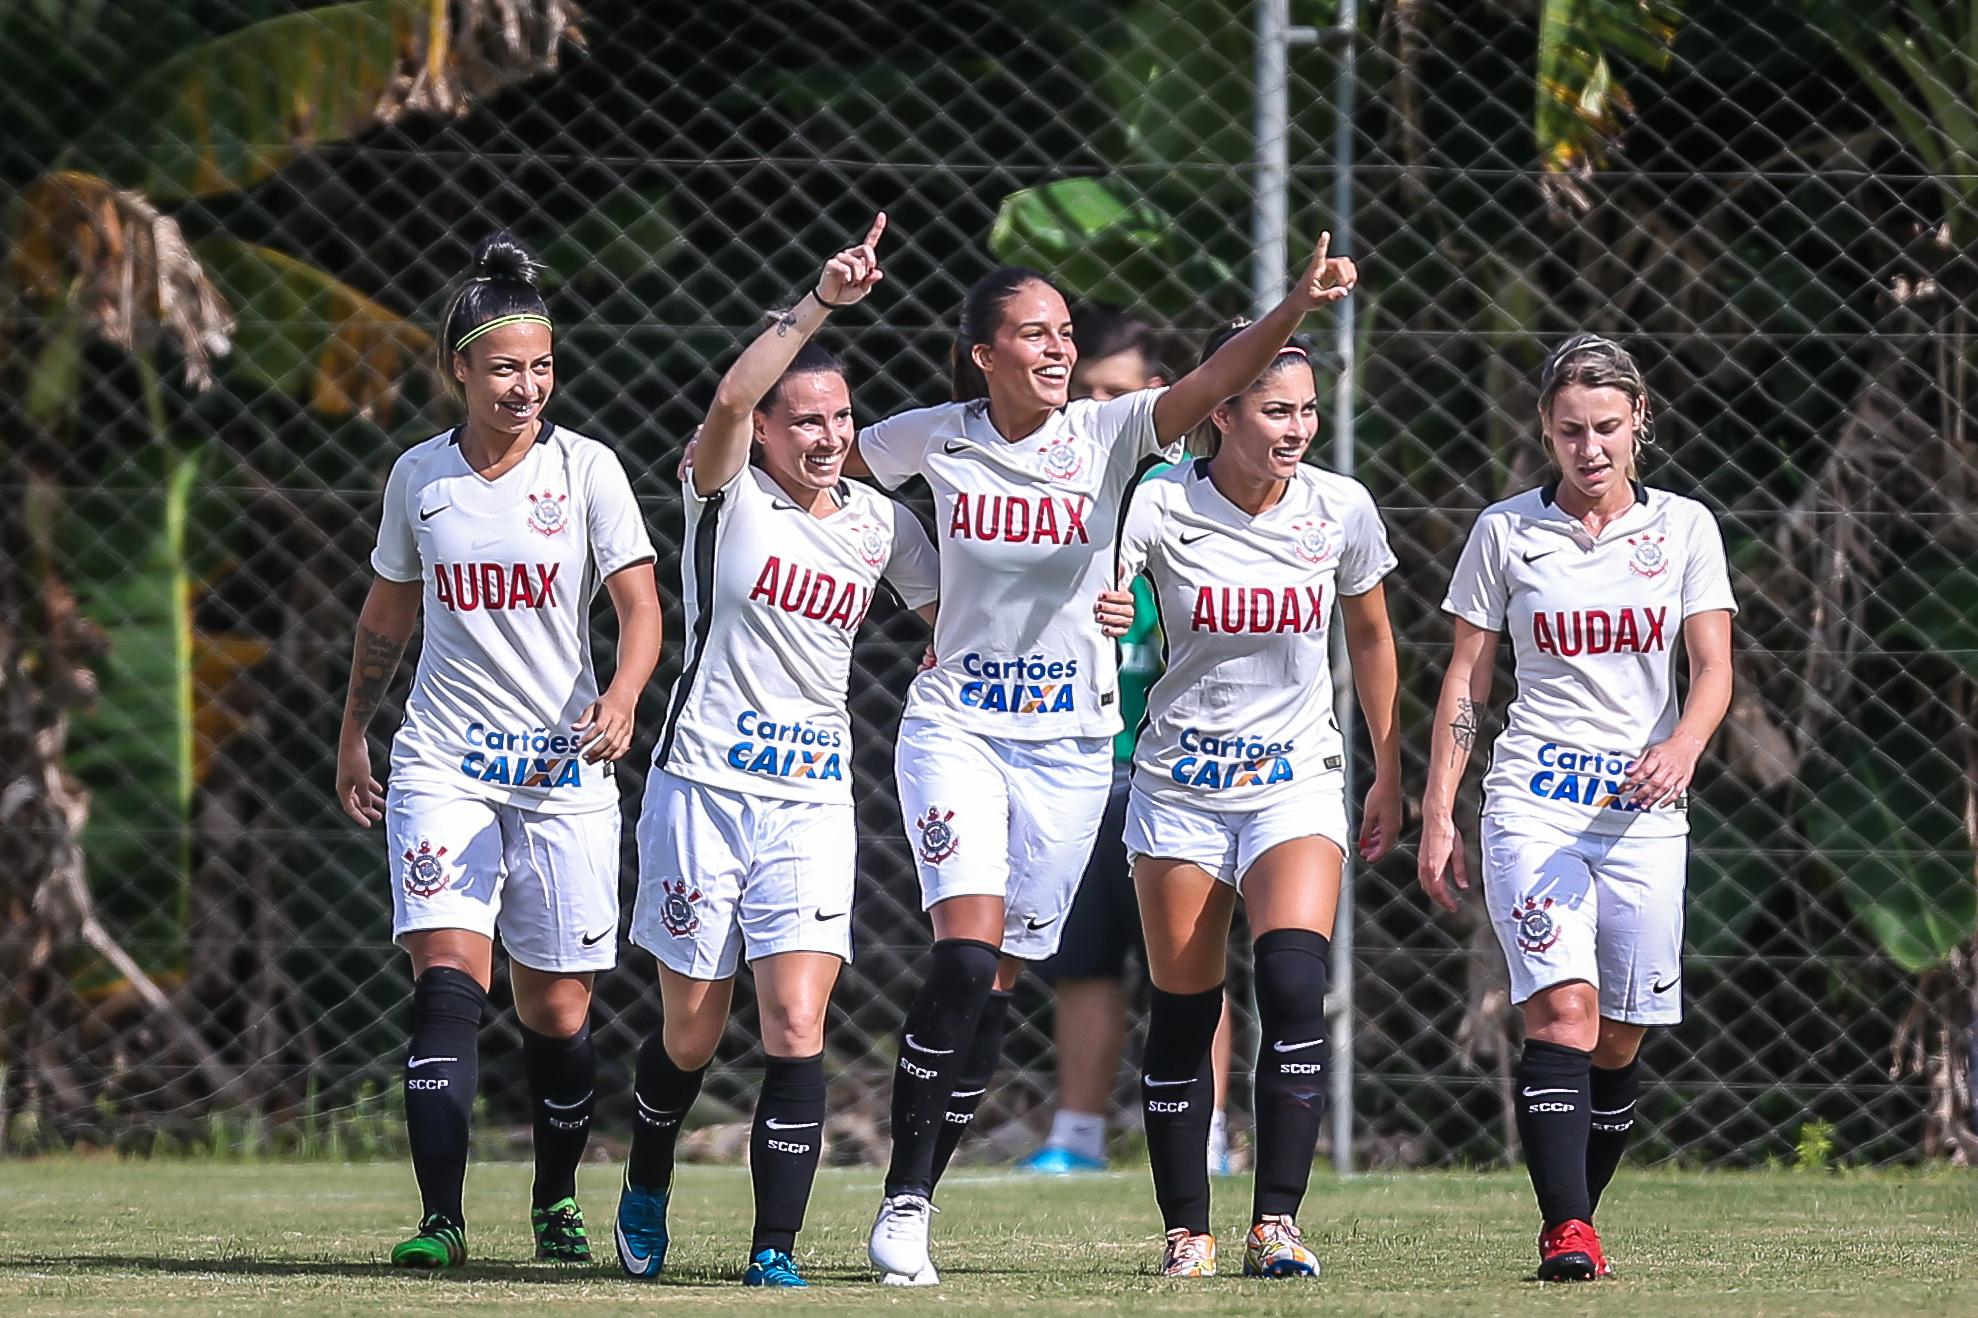 A terceira rodada do Campeonato Brasileiro de futebol feminino teve sete  jogos neste domingo. Pelo Grupo 1 fac2715c91afc